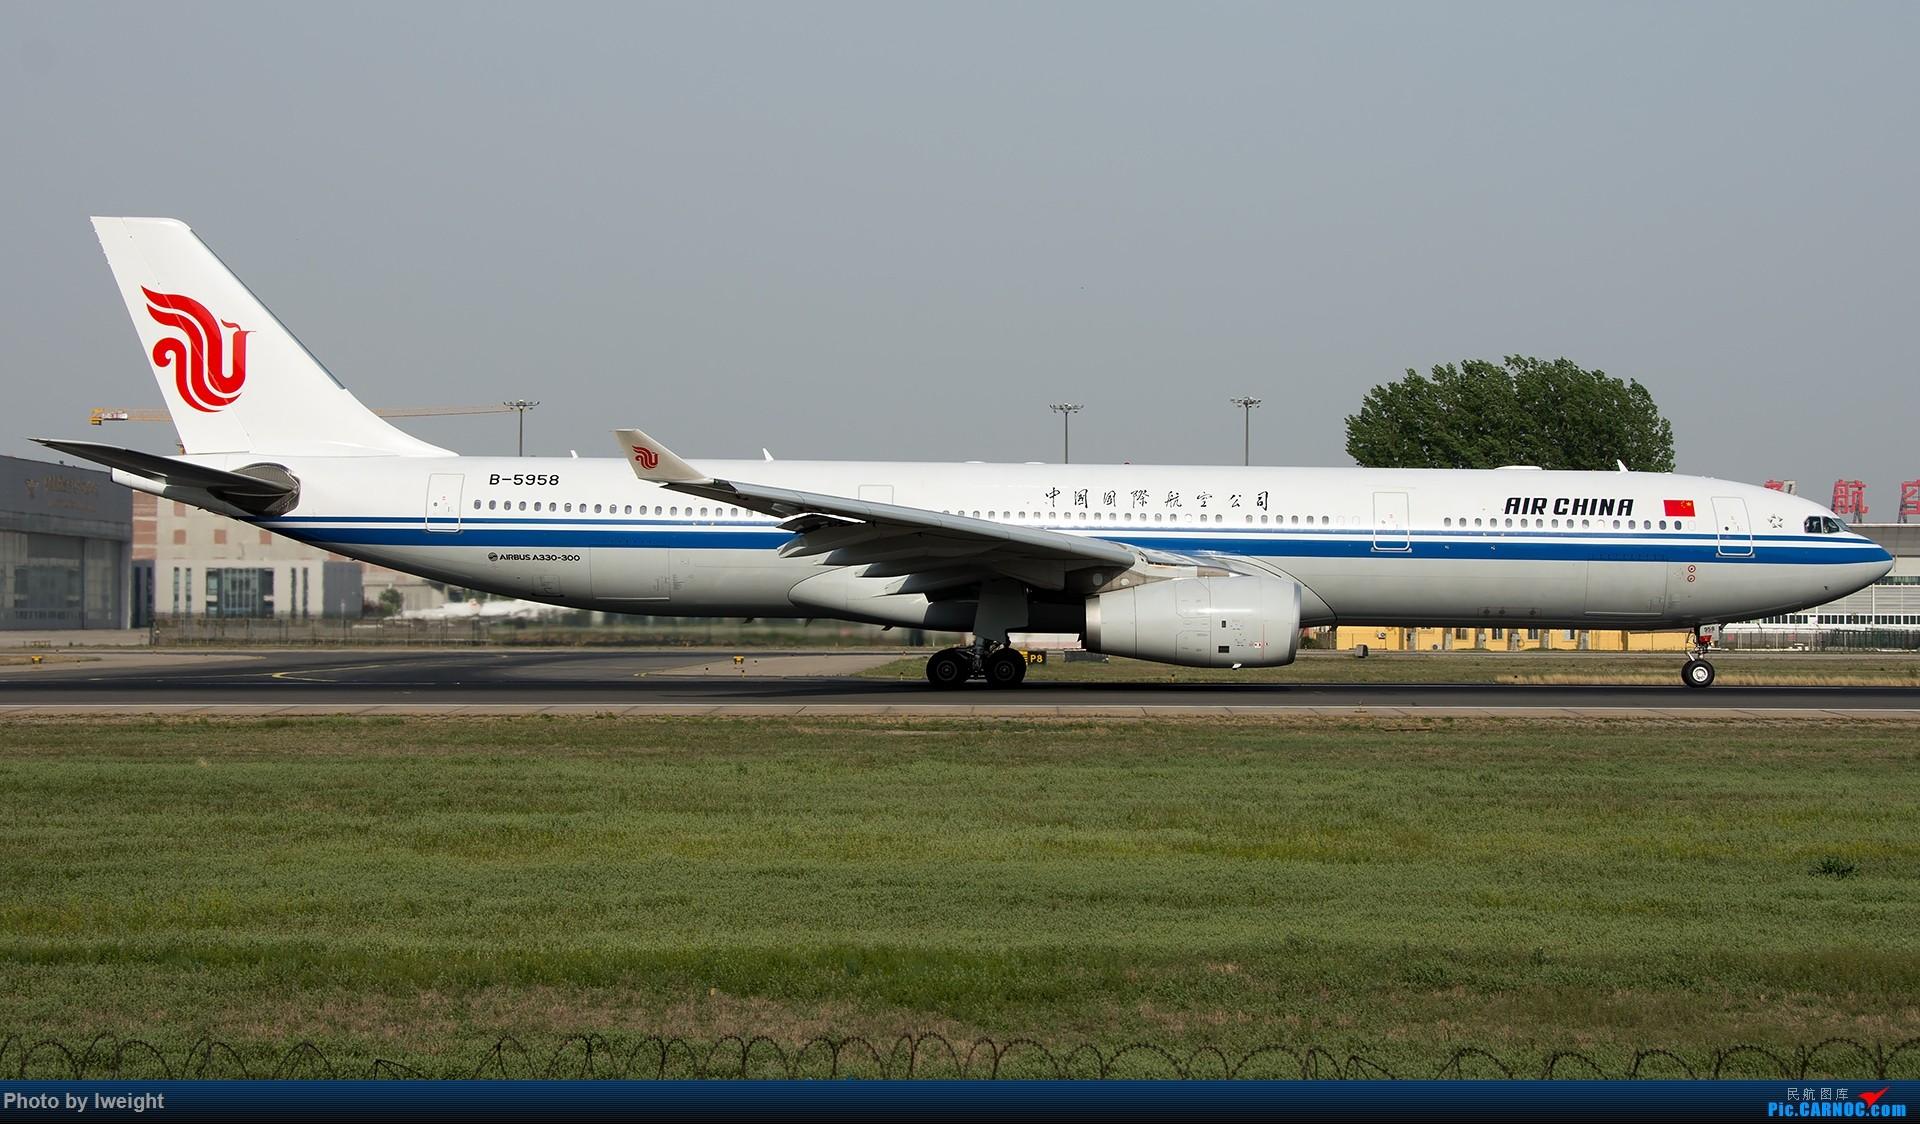 Re:[原创]天气晴朗,继续守候18R【多图】 AIRBUS A330-300 B-5958 中国北京首都国际机场